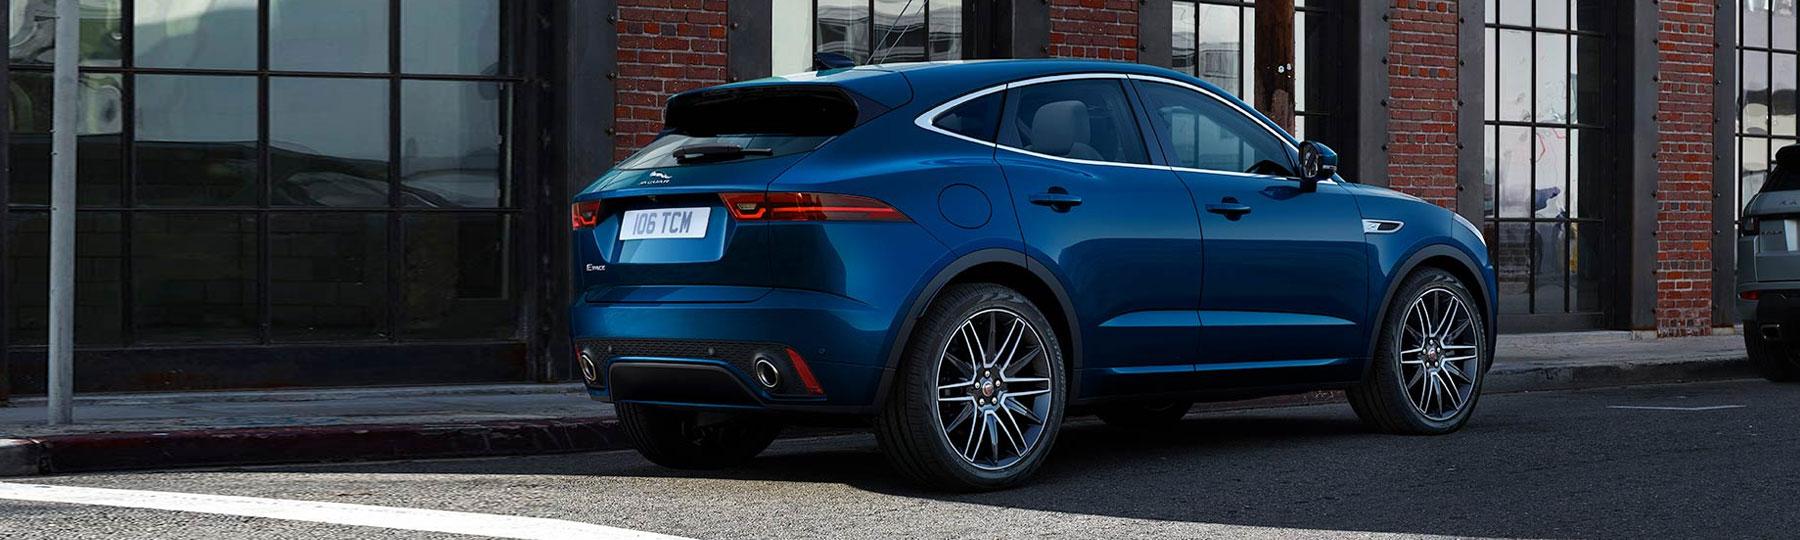 jaguar E-PACE New Car Offer